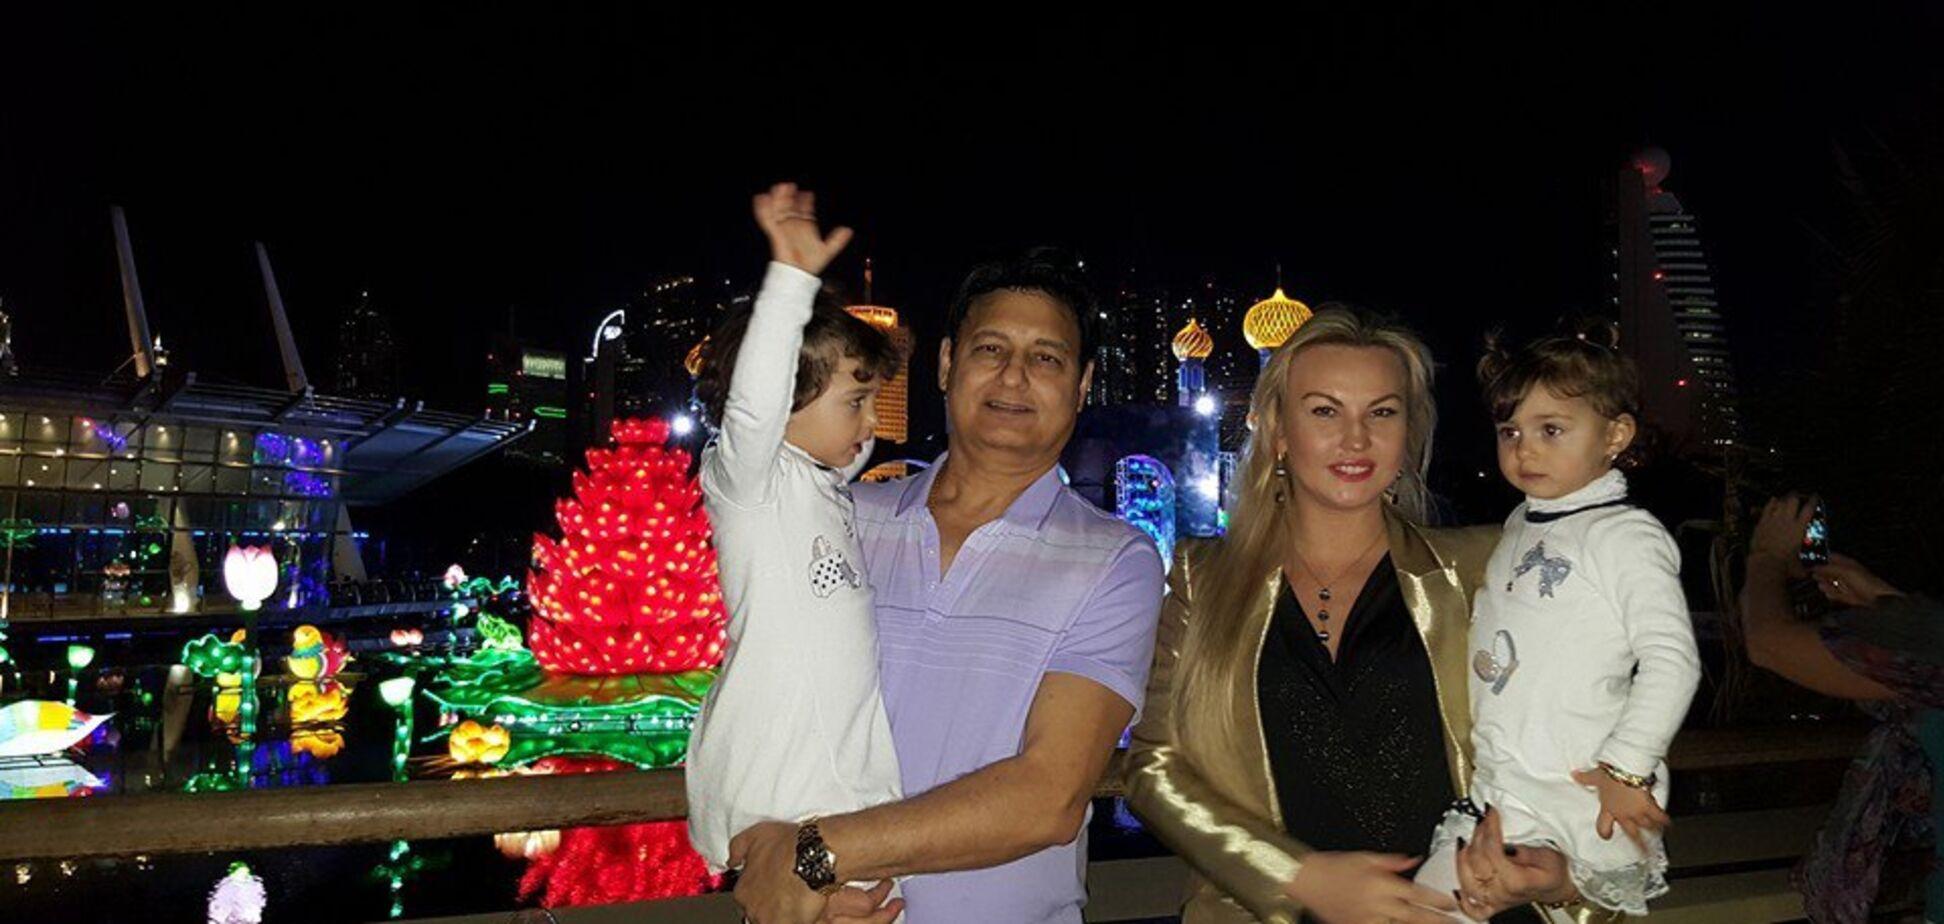 Цього року співачка Kamaliya та її чоловік Мохаммад Захур відзначать 18 років спільного життя